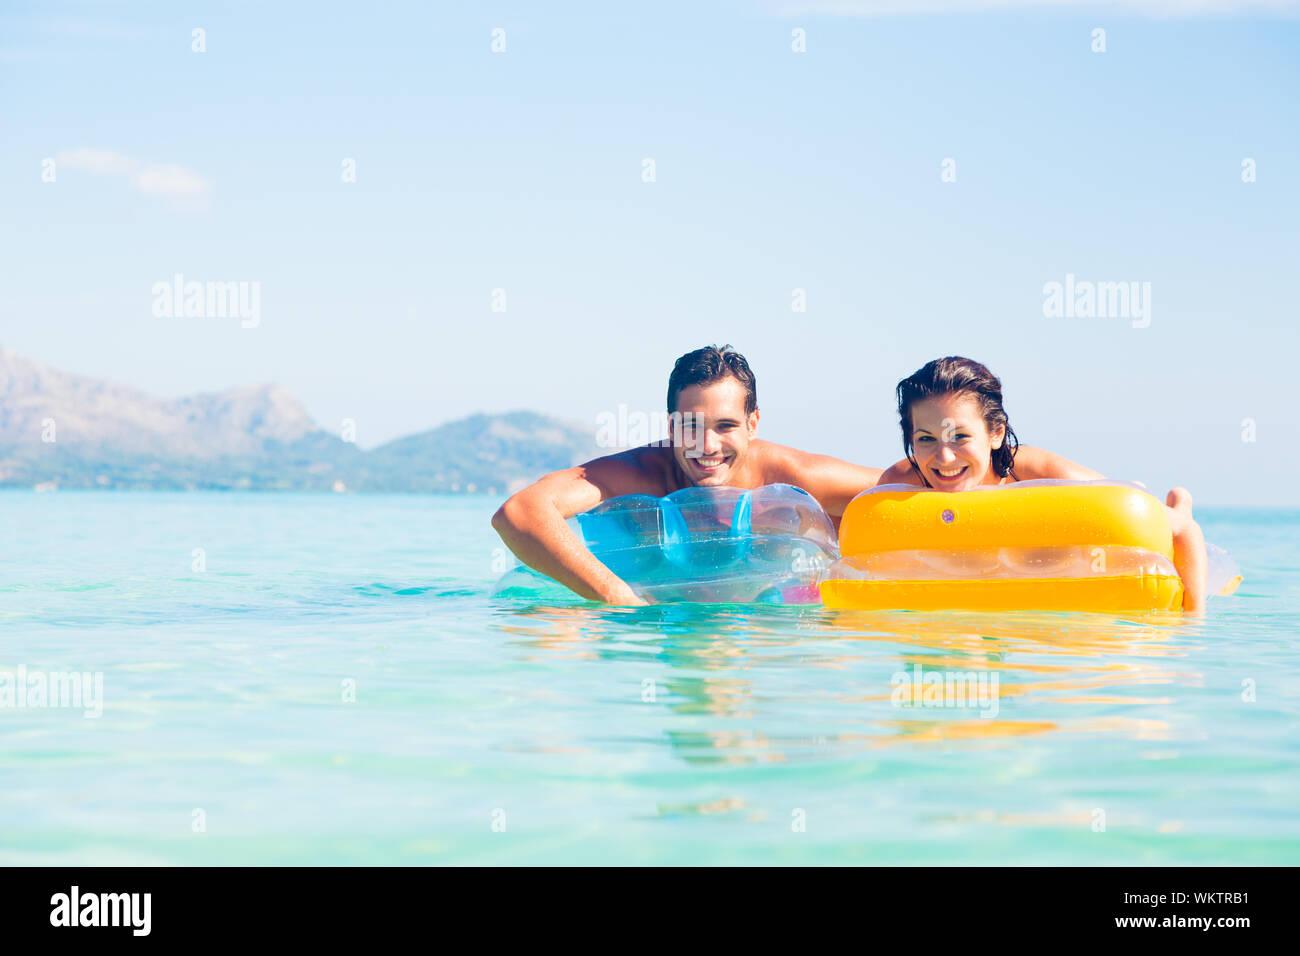 Porträt eines jungen Paares schwimmende aufblasbare Flöße im Meer gegen Sky Stockfoto